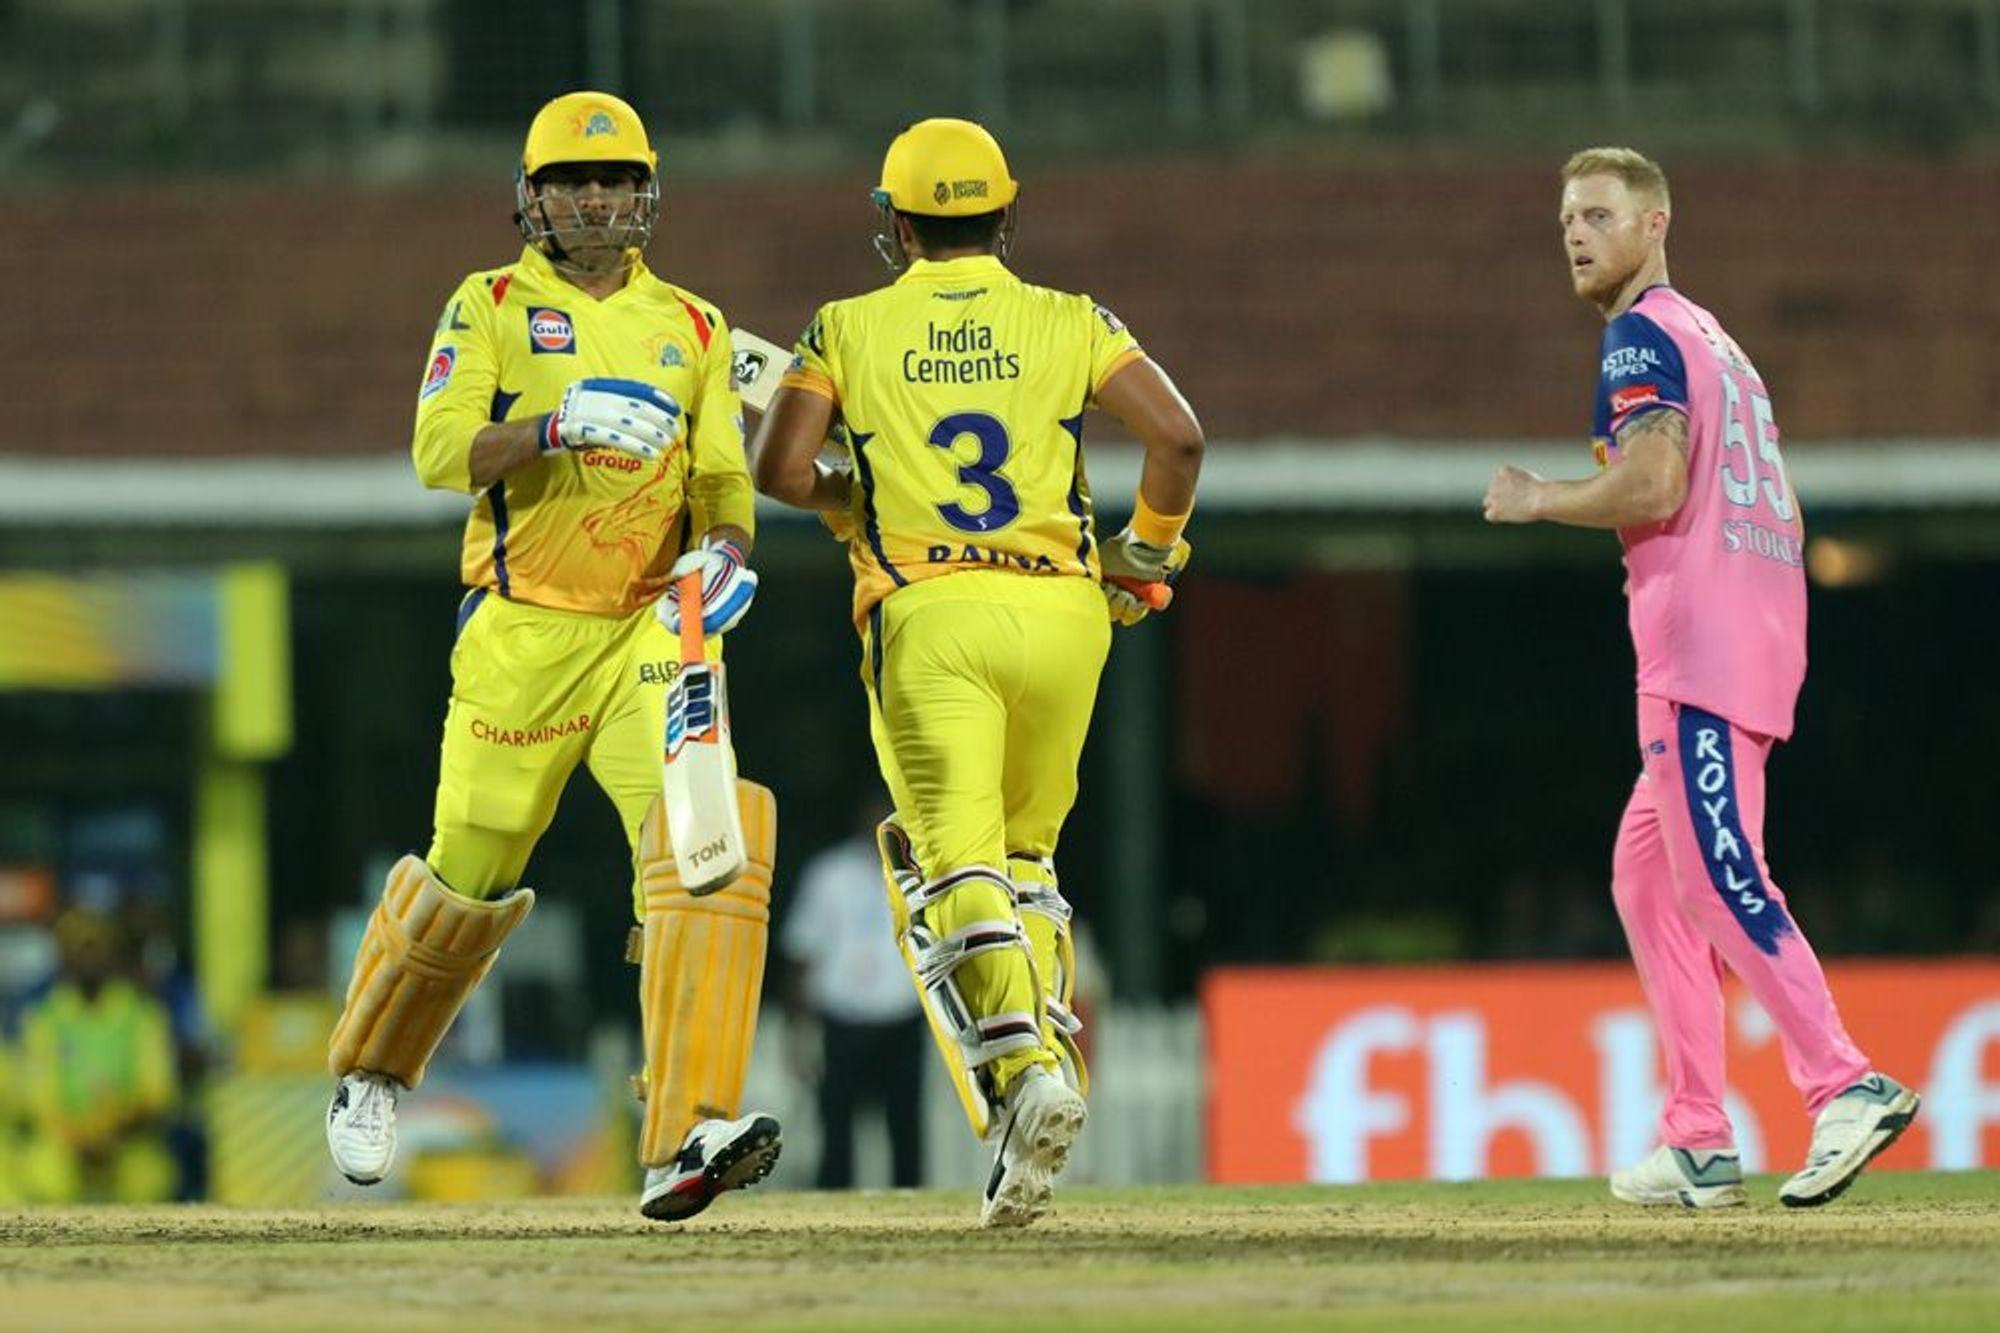 CSKvsRR : धोनी की तूफानी पारी से 8 रन के अंतर से जीता चेन्नई सुपर किंग्स, रहाणे की यह गलती टीम को पड़ी भारी 1